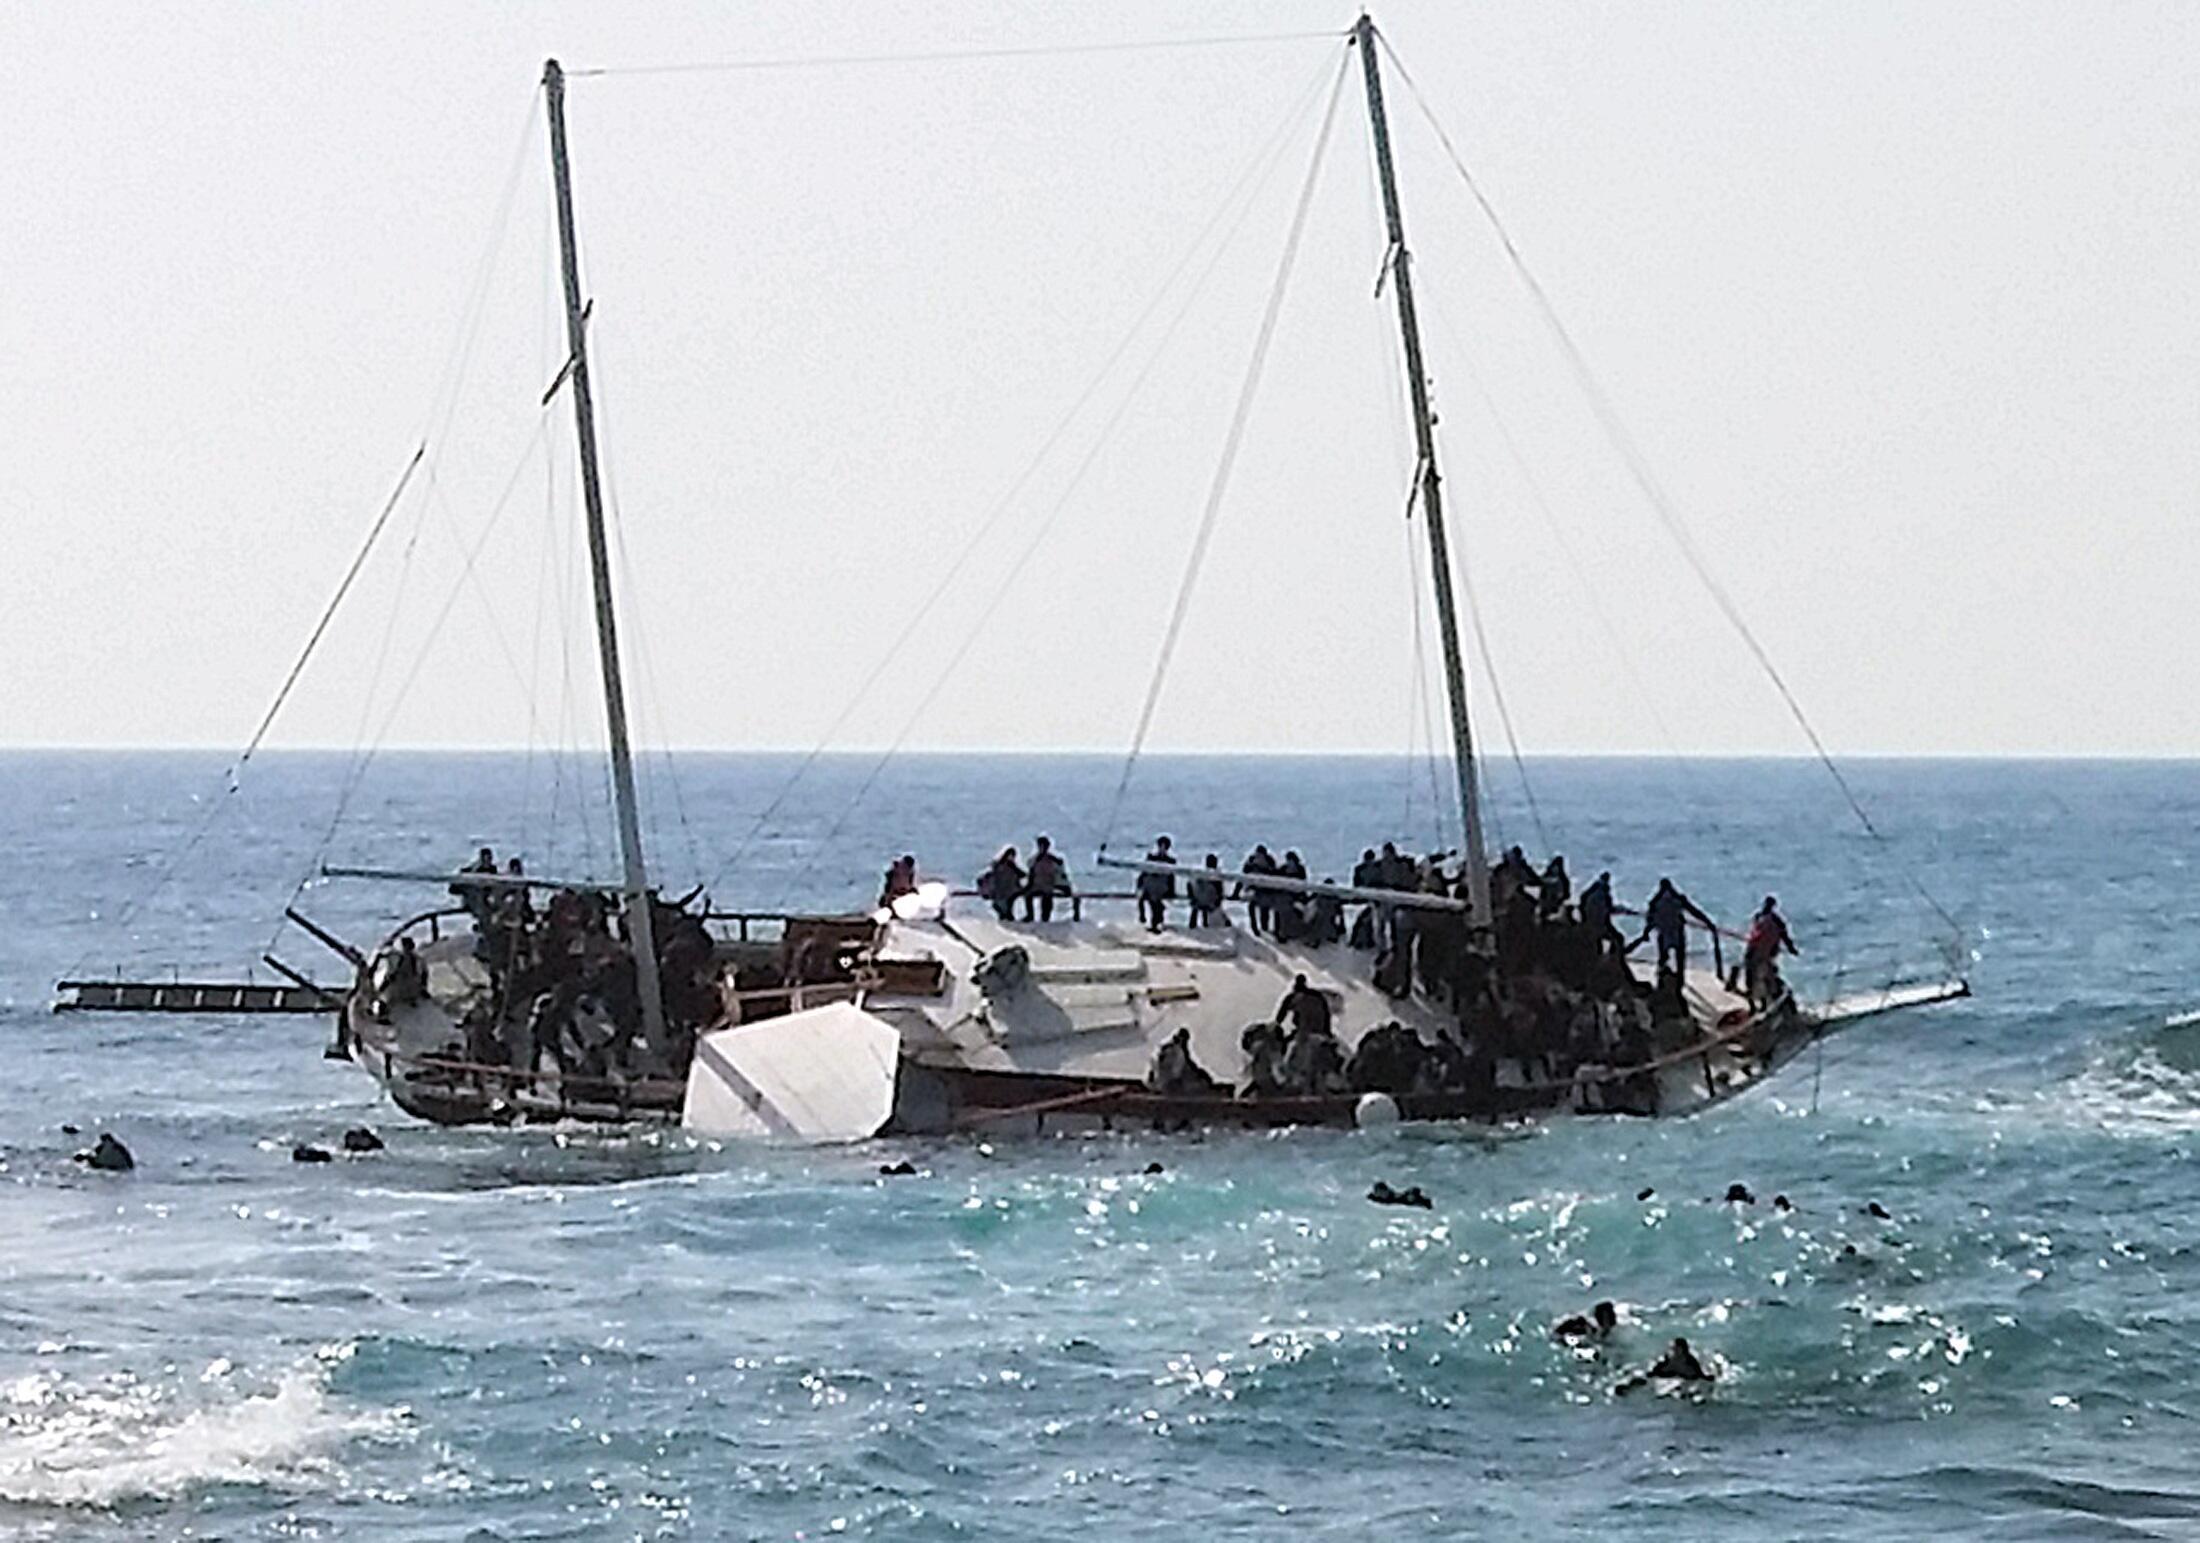 Tàu chở người nhập cư lậu đến từ Châu Phi bị đắm gần đảo Rhodes, Hy Lạp ngày 20/04/2015.